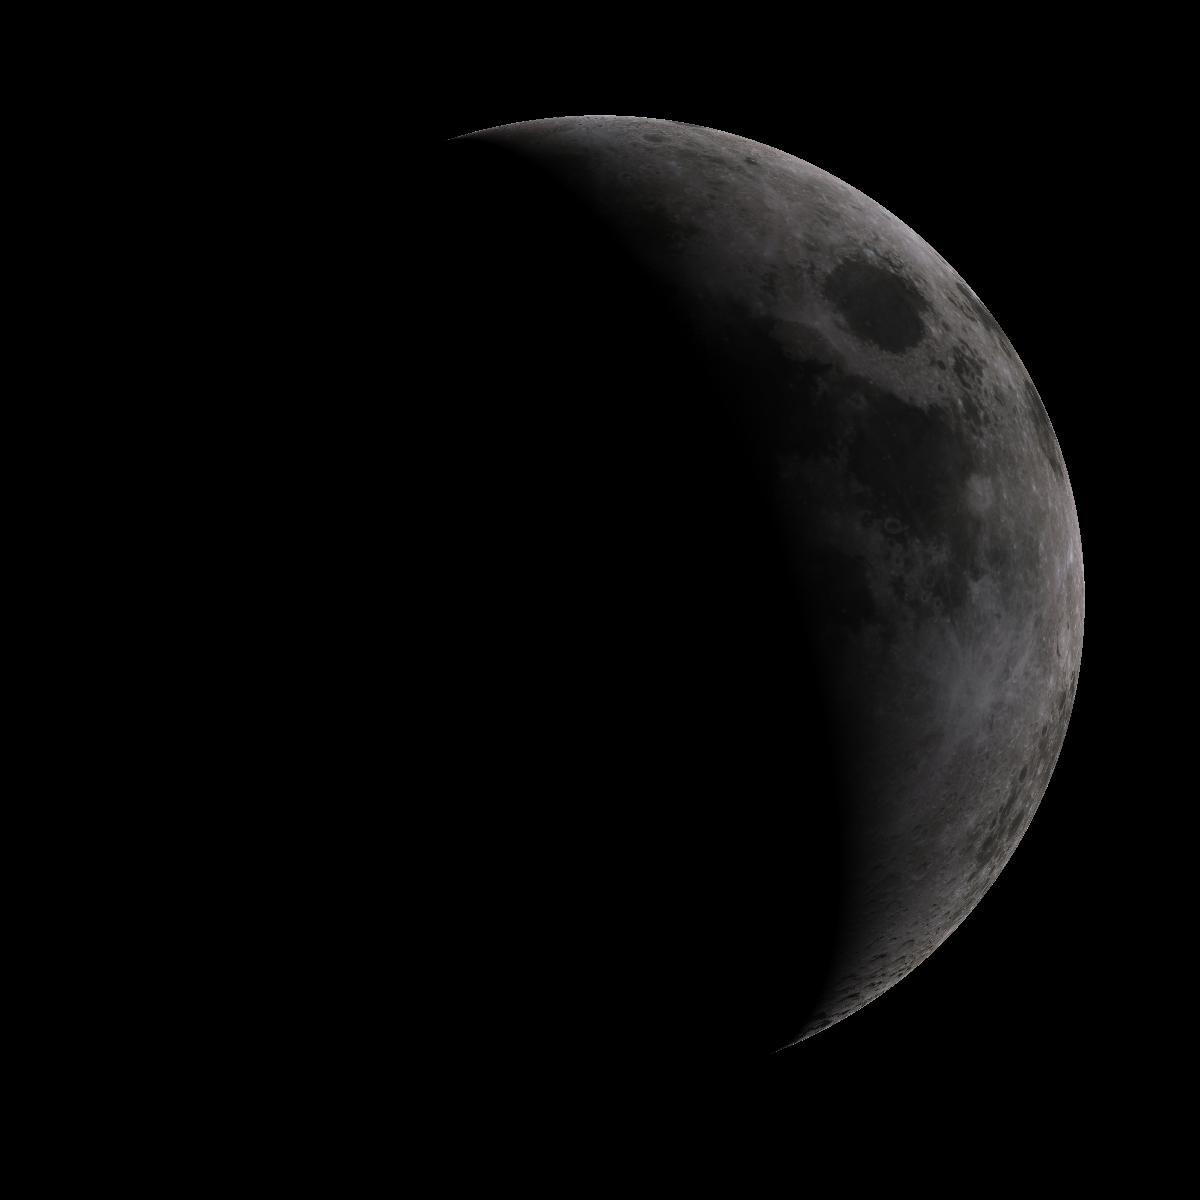 Lune du 6 aout 2019